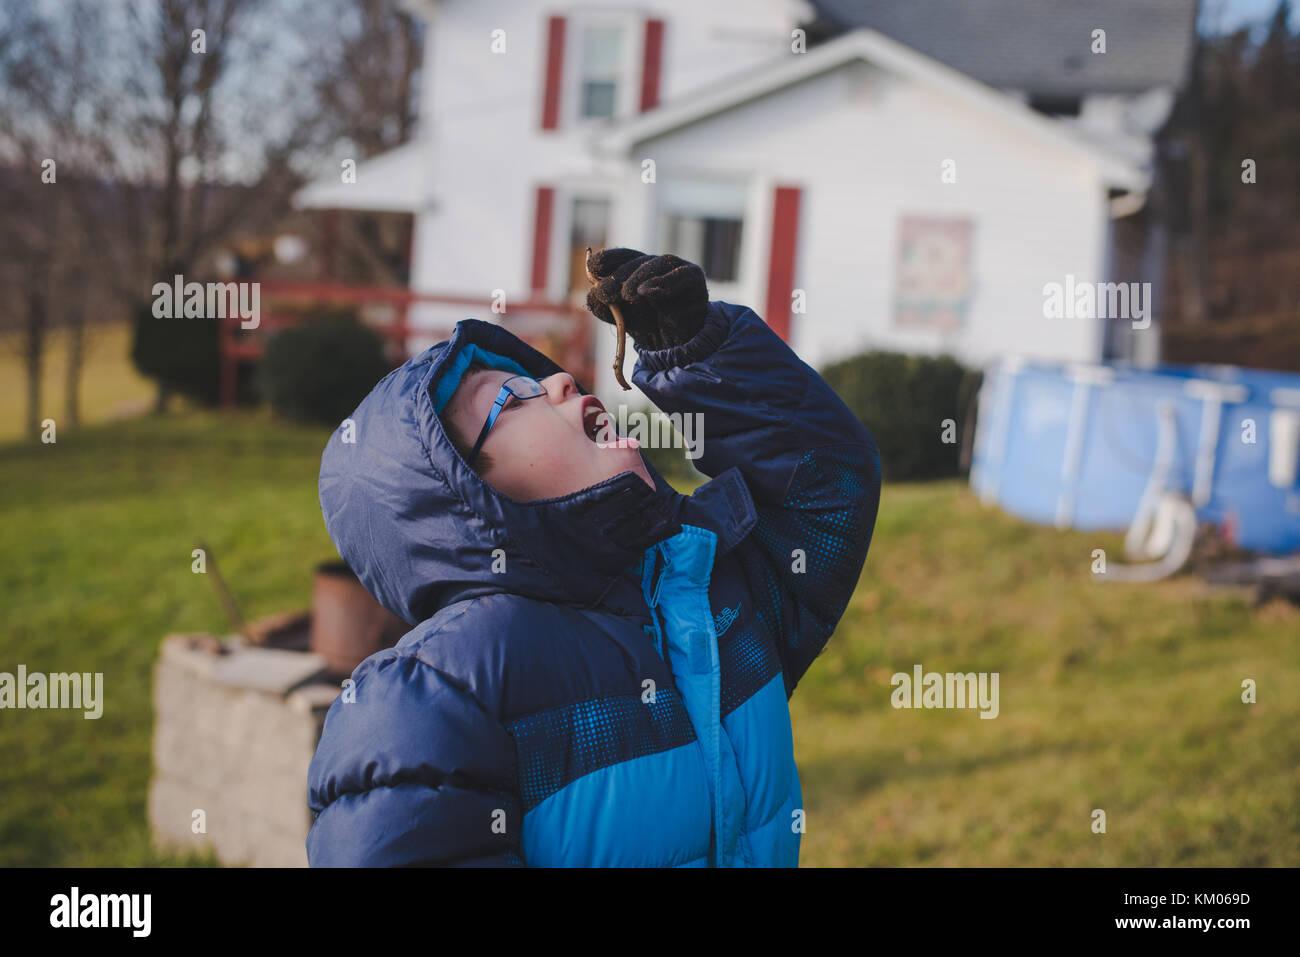 Un ragazzo finge di mangiare un worm. Immagini Stock